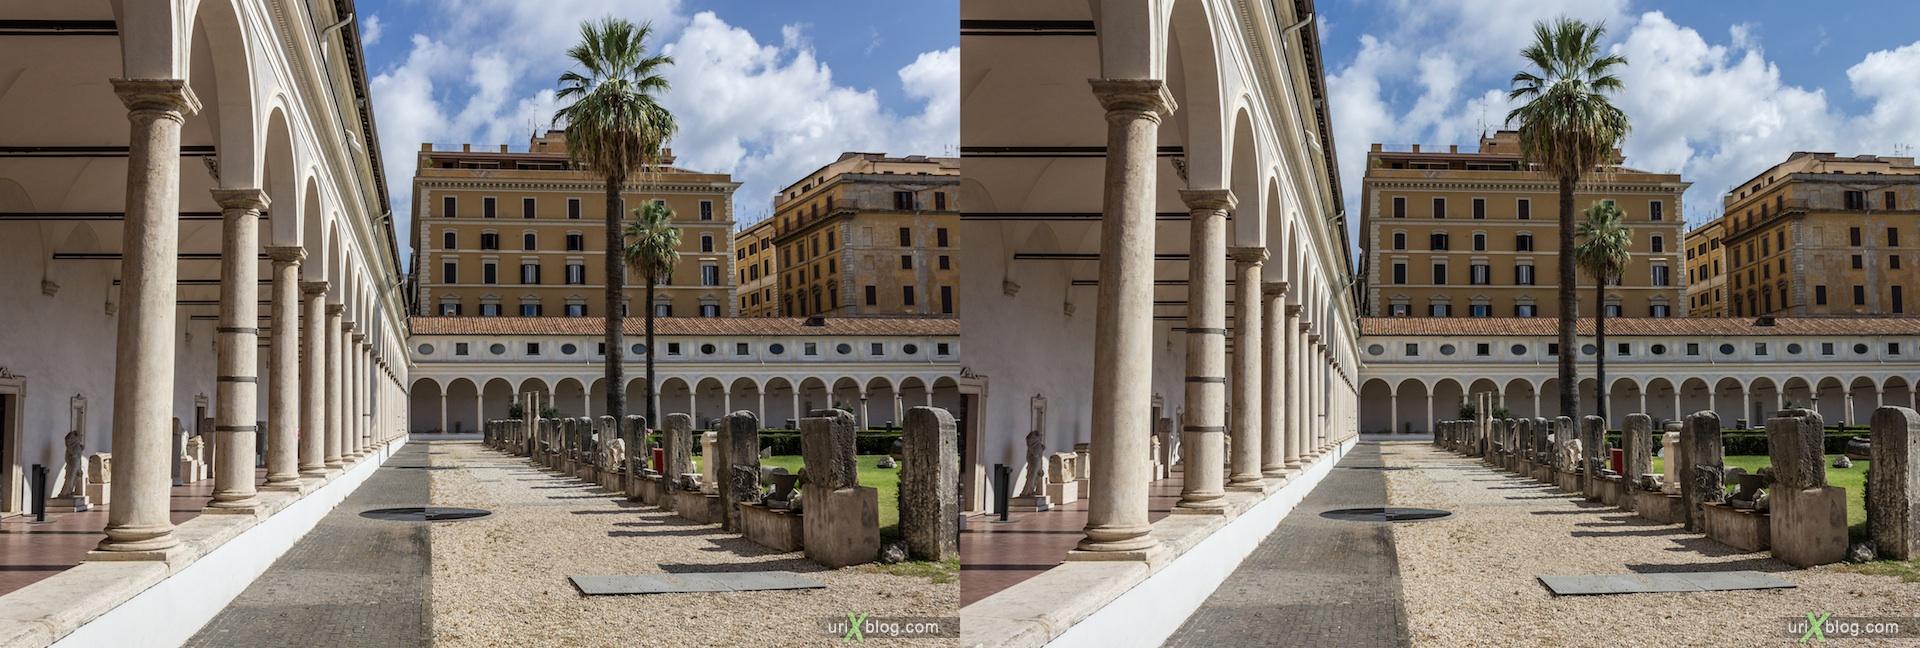 2012, Национальный римский музей, Термы Диоклетиана, Рим, Италия, осень, 3D, перекрёстные стереопары, стерео, стереопара, стереопары